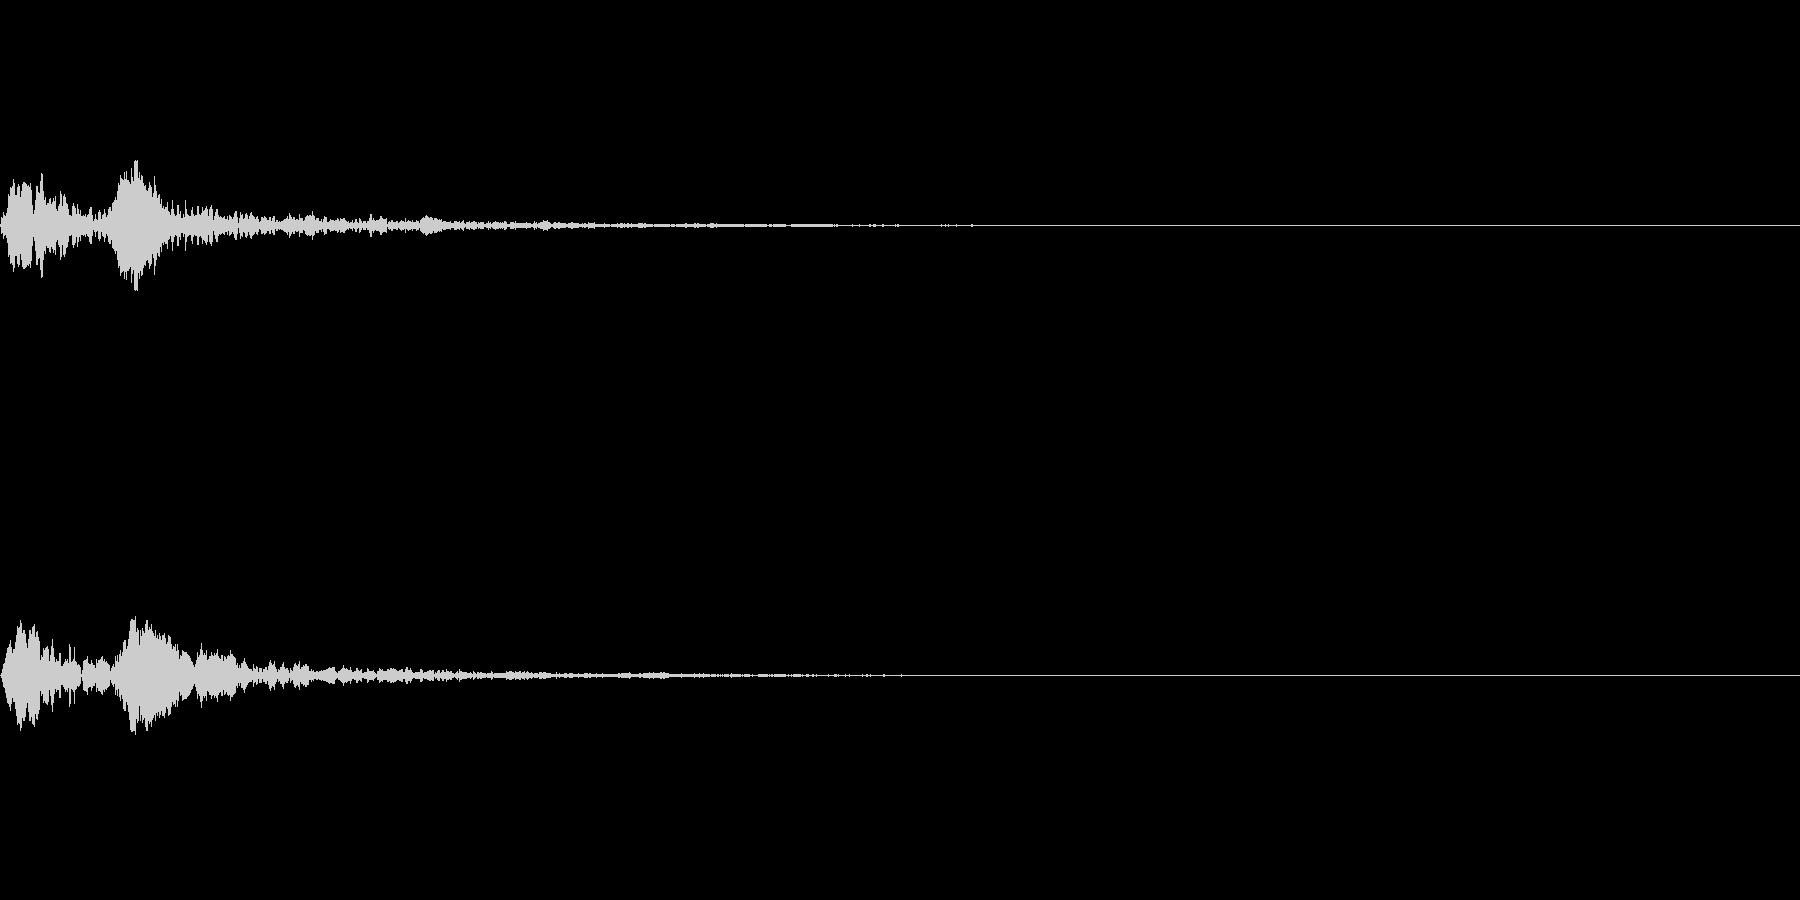 トトン 締太鼓(高い) 和楽器 選択音の未再生の波形